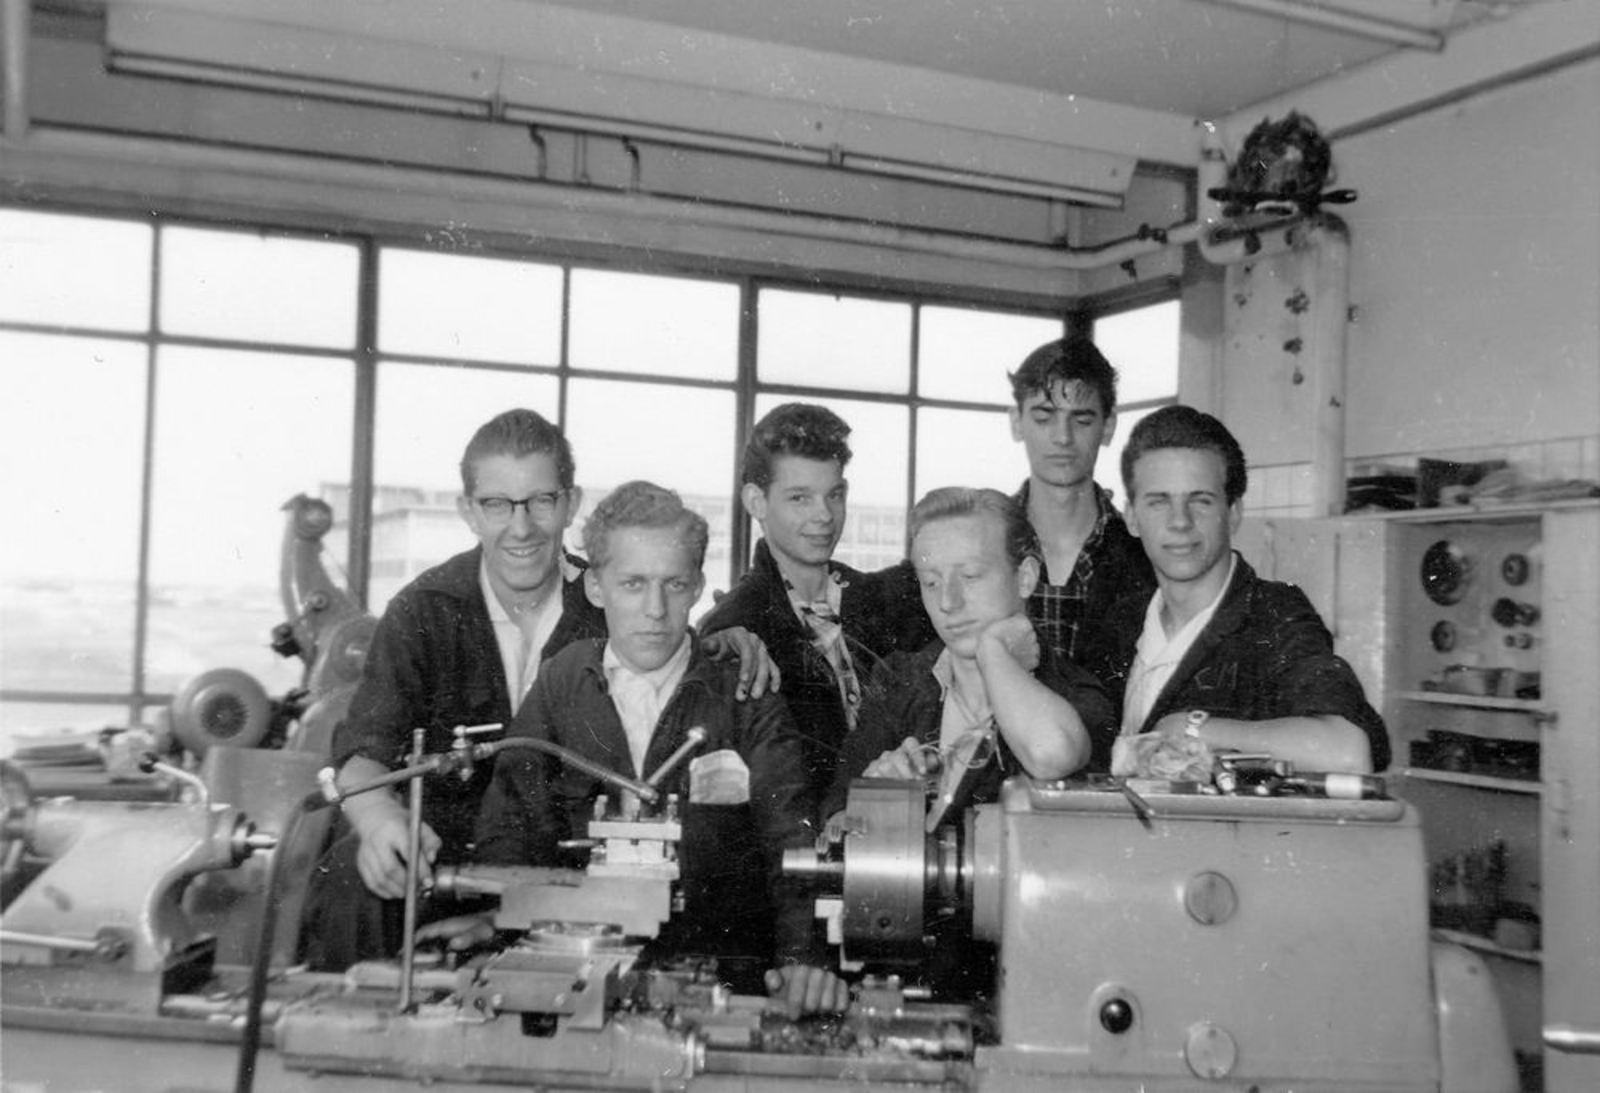 Koolbergen Aad 1941 1957± op Bedrijfsschool KLM 06